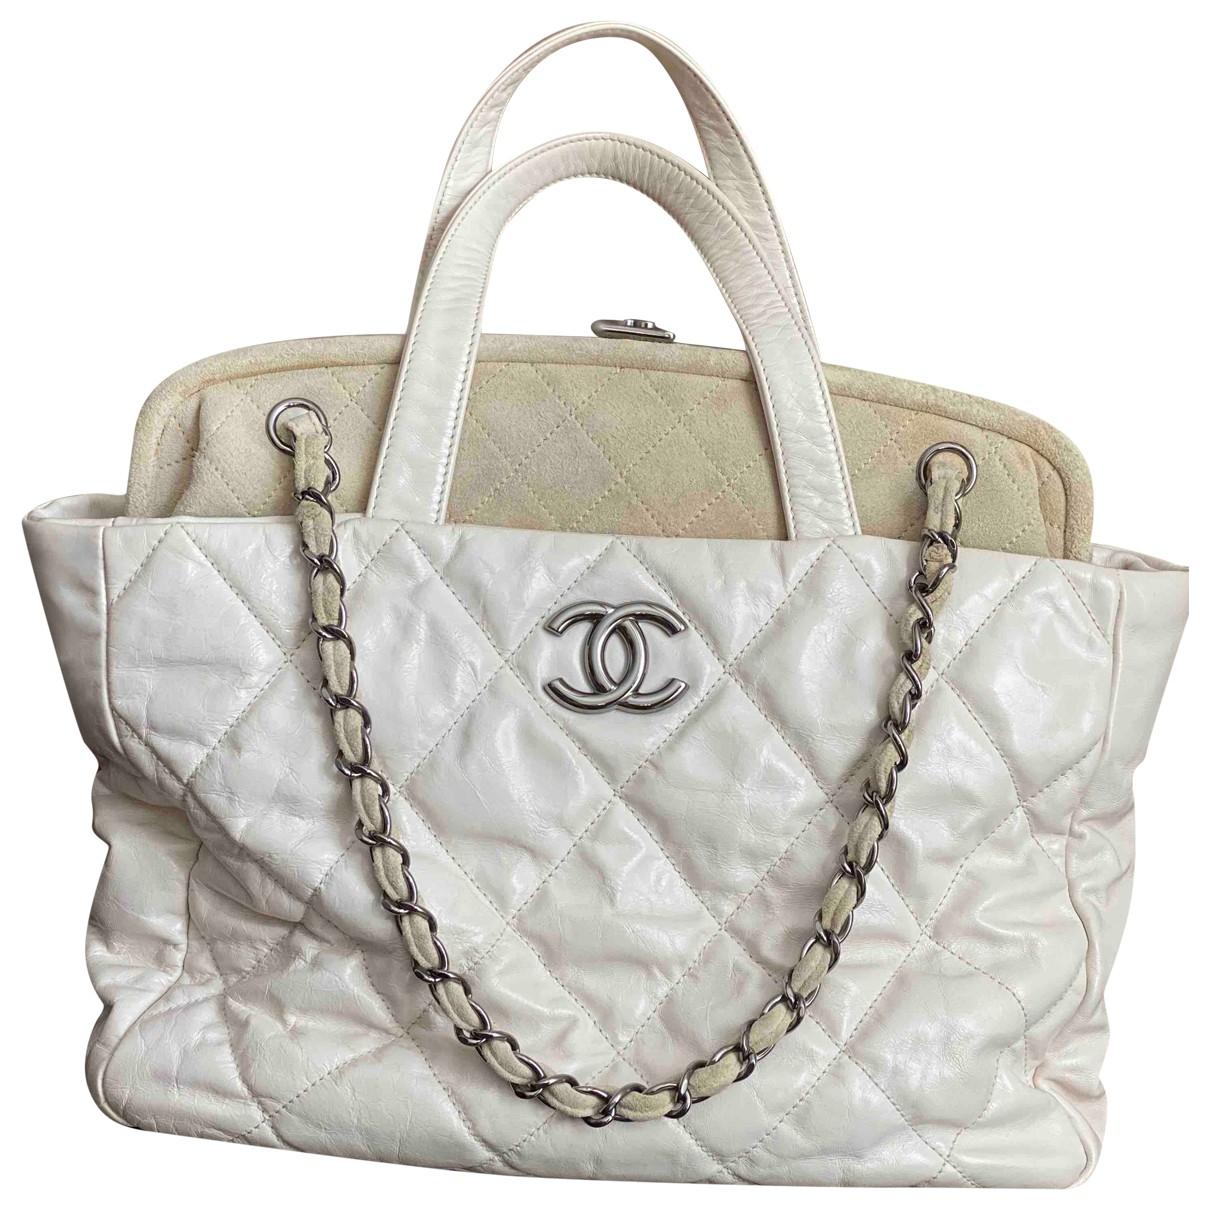 Chanel Portobello Beige Leather handbag for Women N